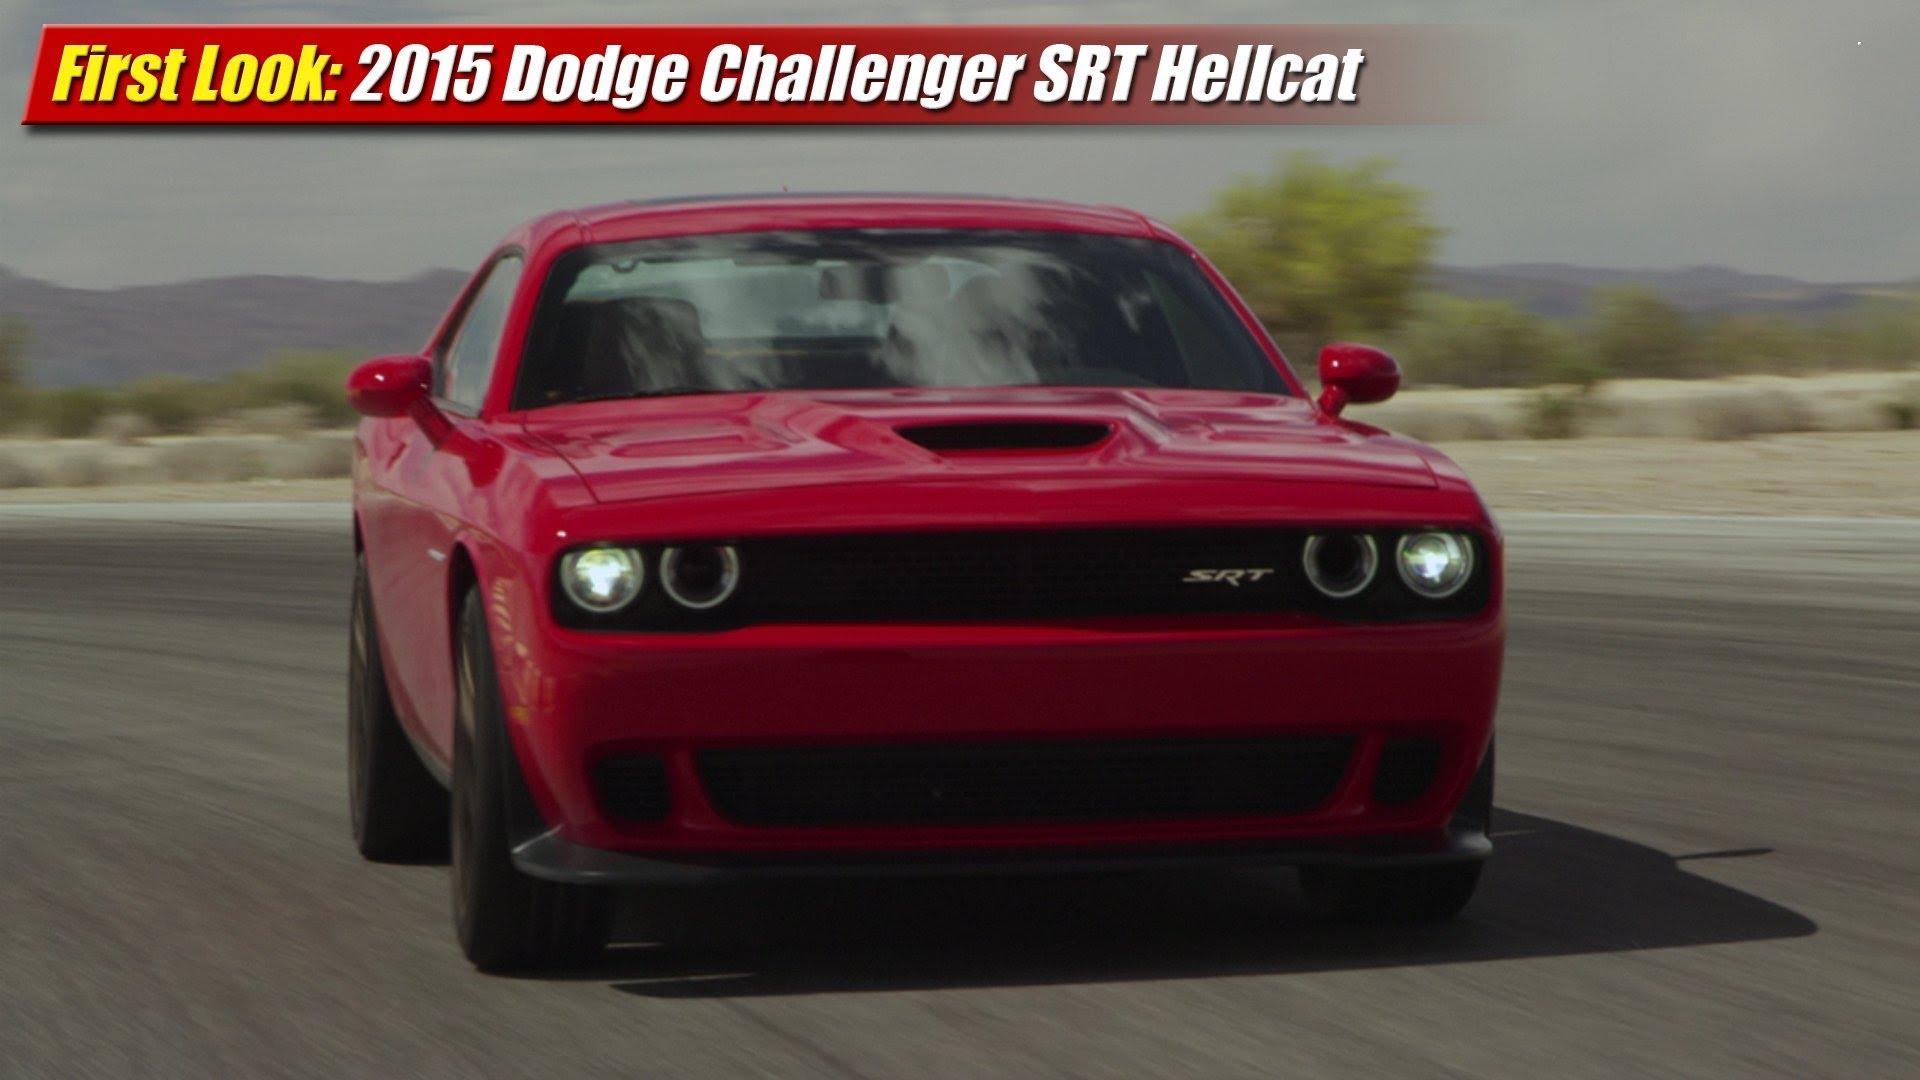 First Look: 2015 Dodge Challenger SRT Hellcat - TestDriven.TV